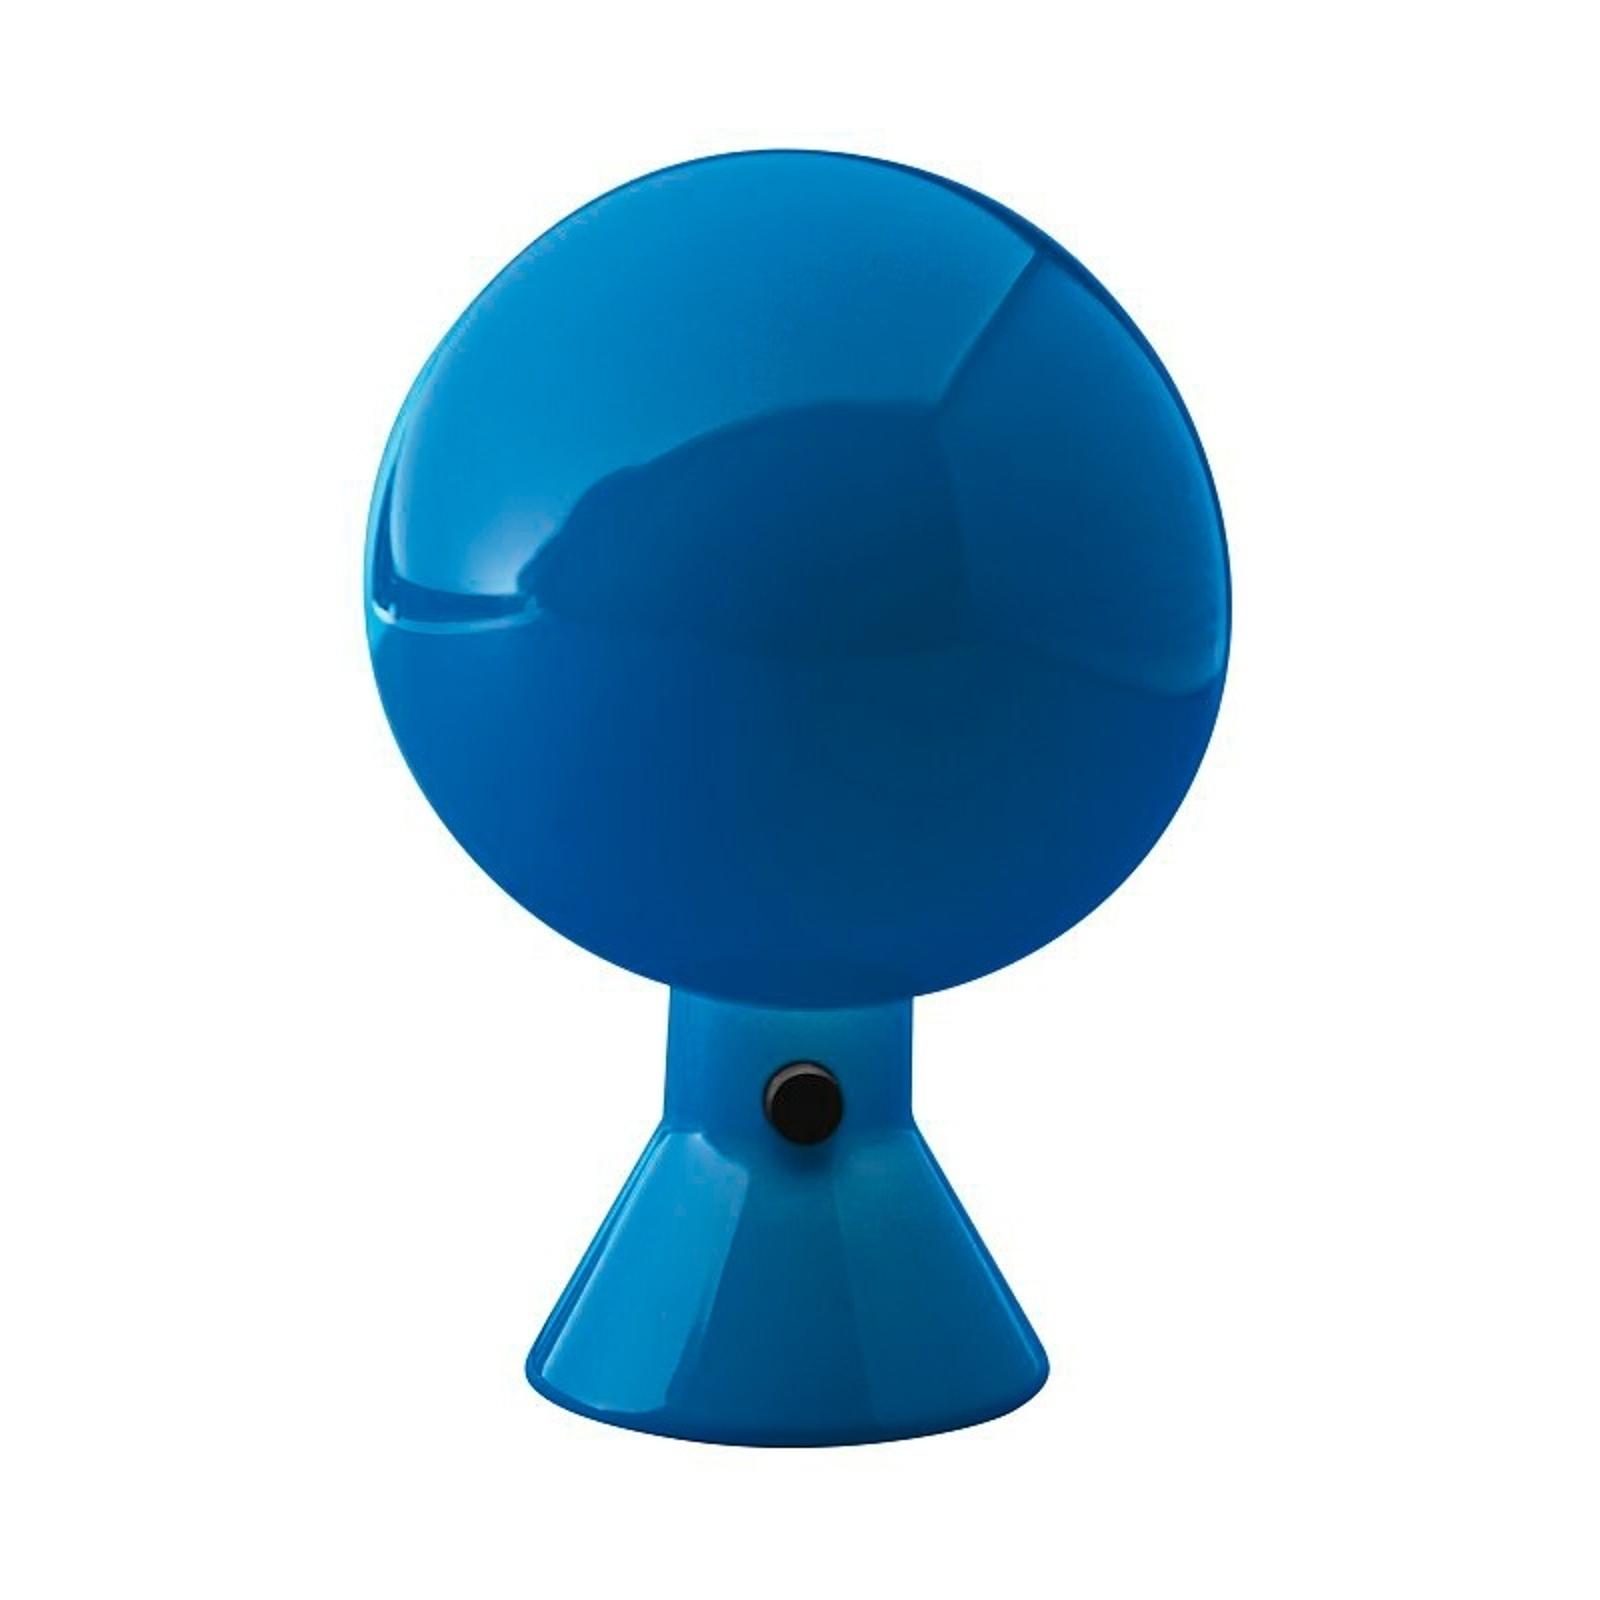 Martinelli Luce Elmetto -pöytävalaisin, sininen